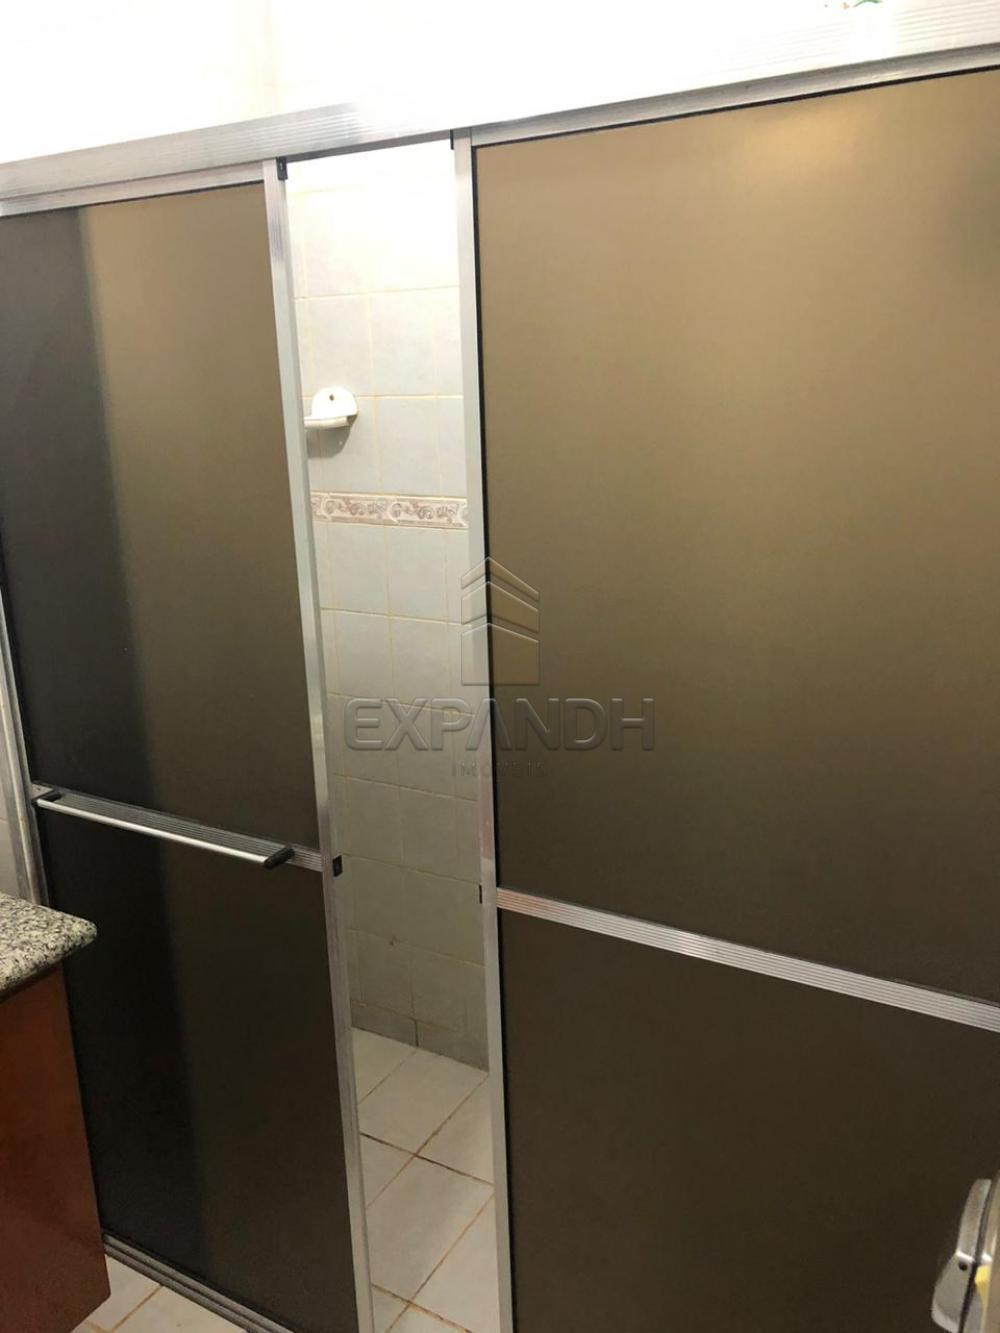 Alugar Apartamentos / Padrão em Sertãozinho R$ 700,00 - Foto 5